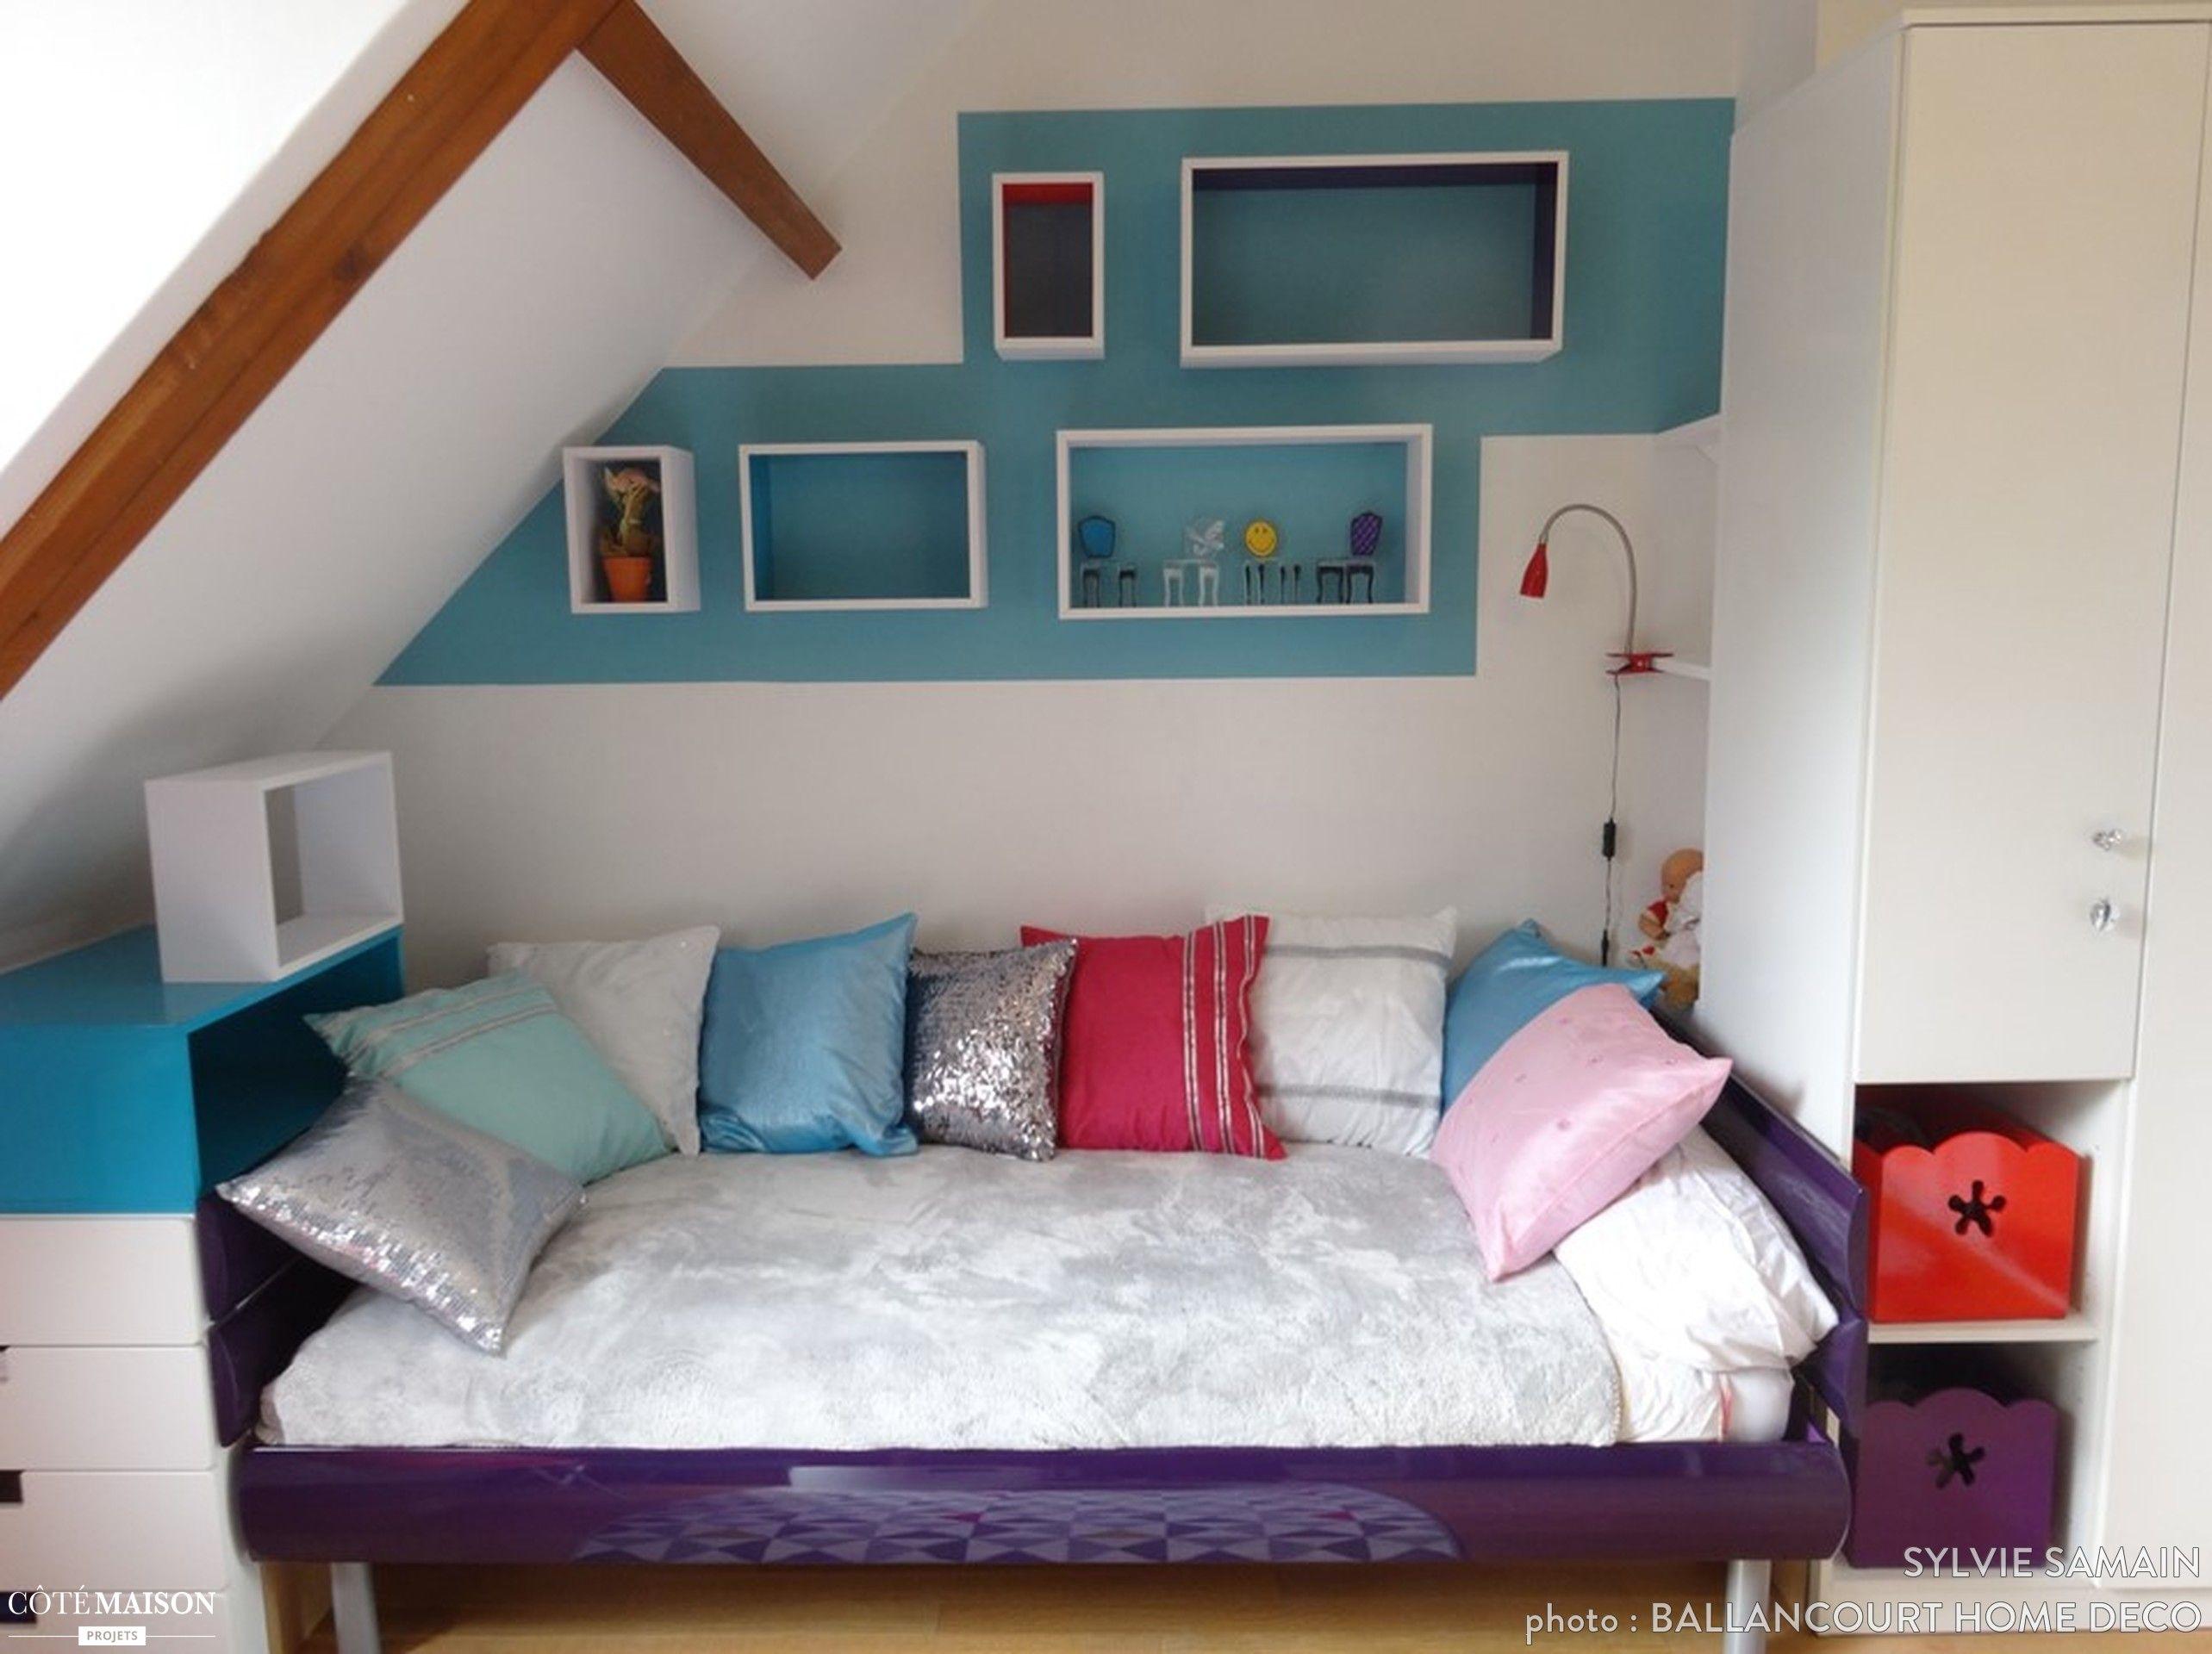 Chambre d\'adolescente alliant paillettes et couleurs diverses ...